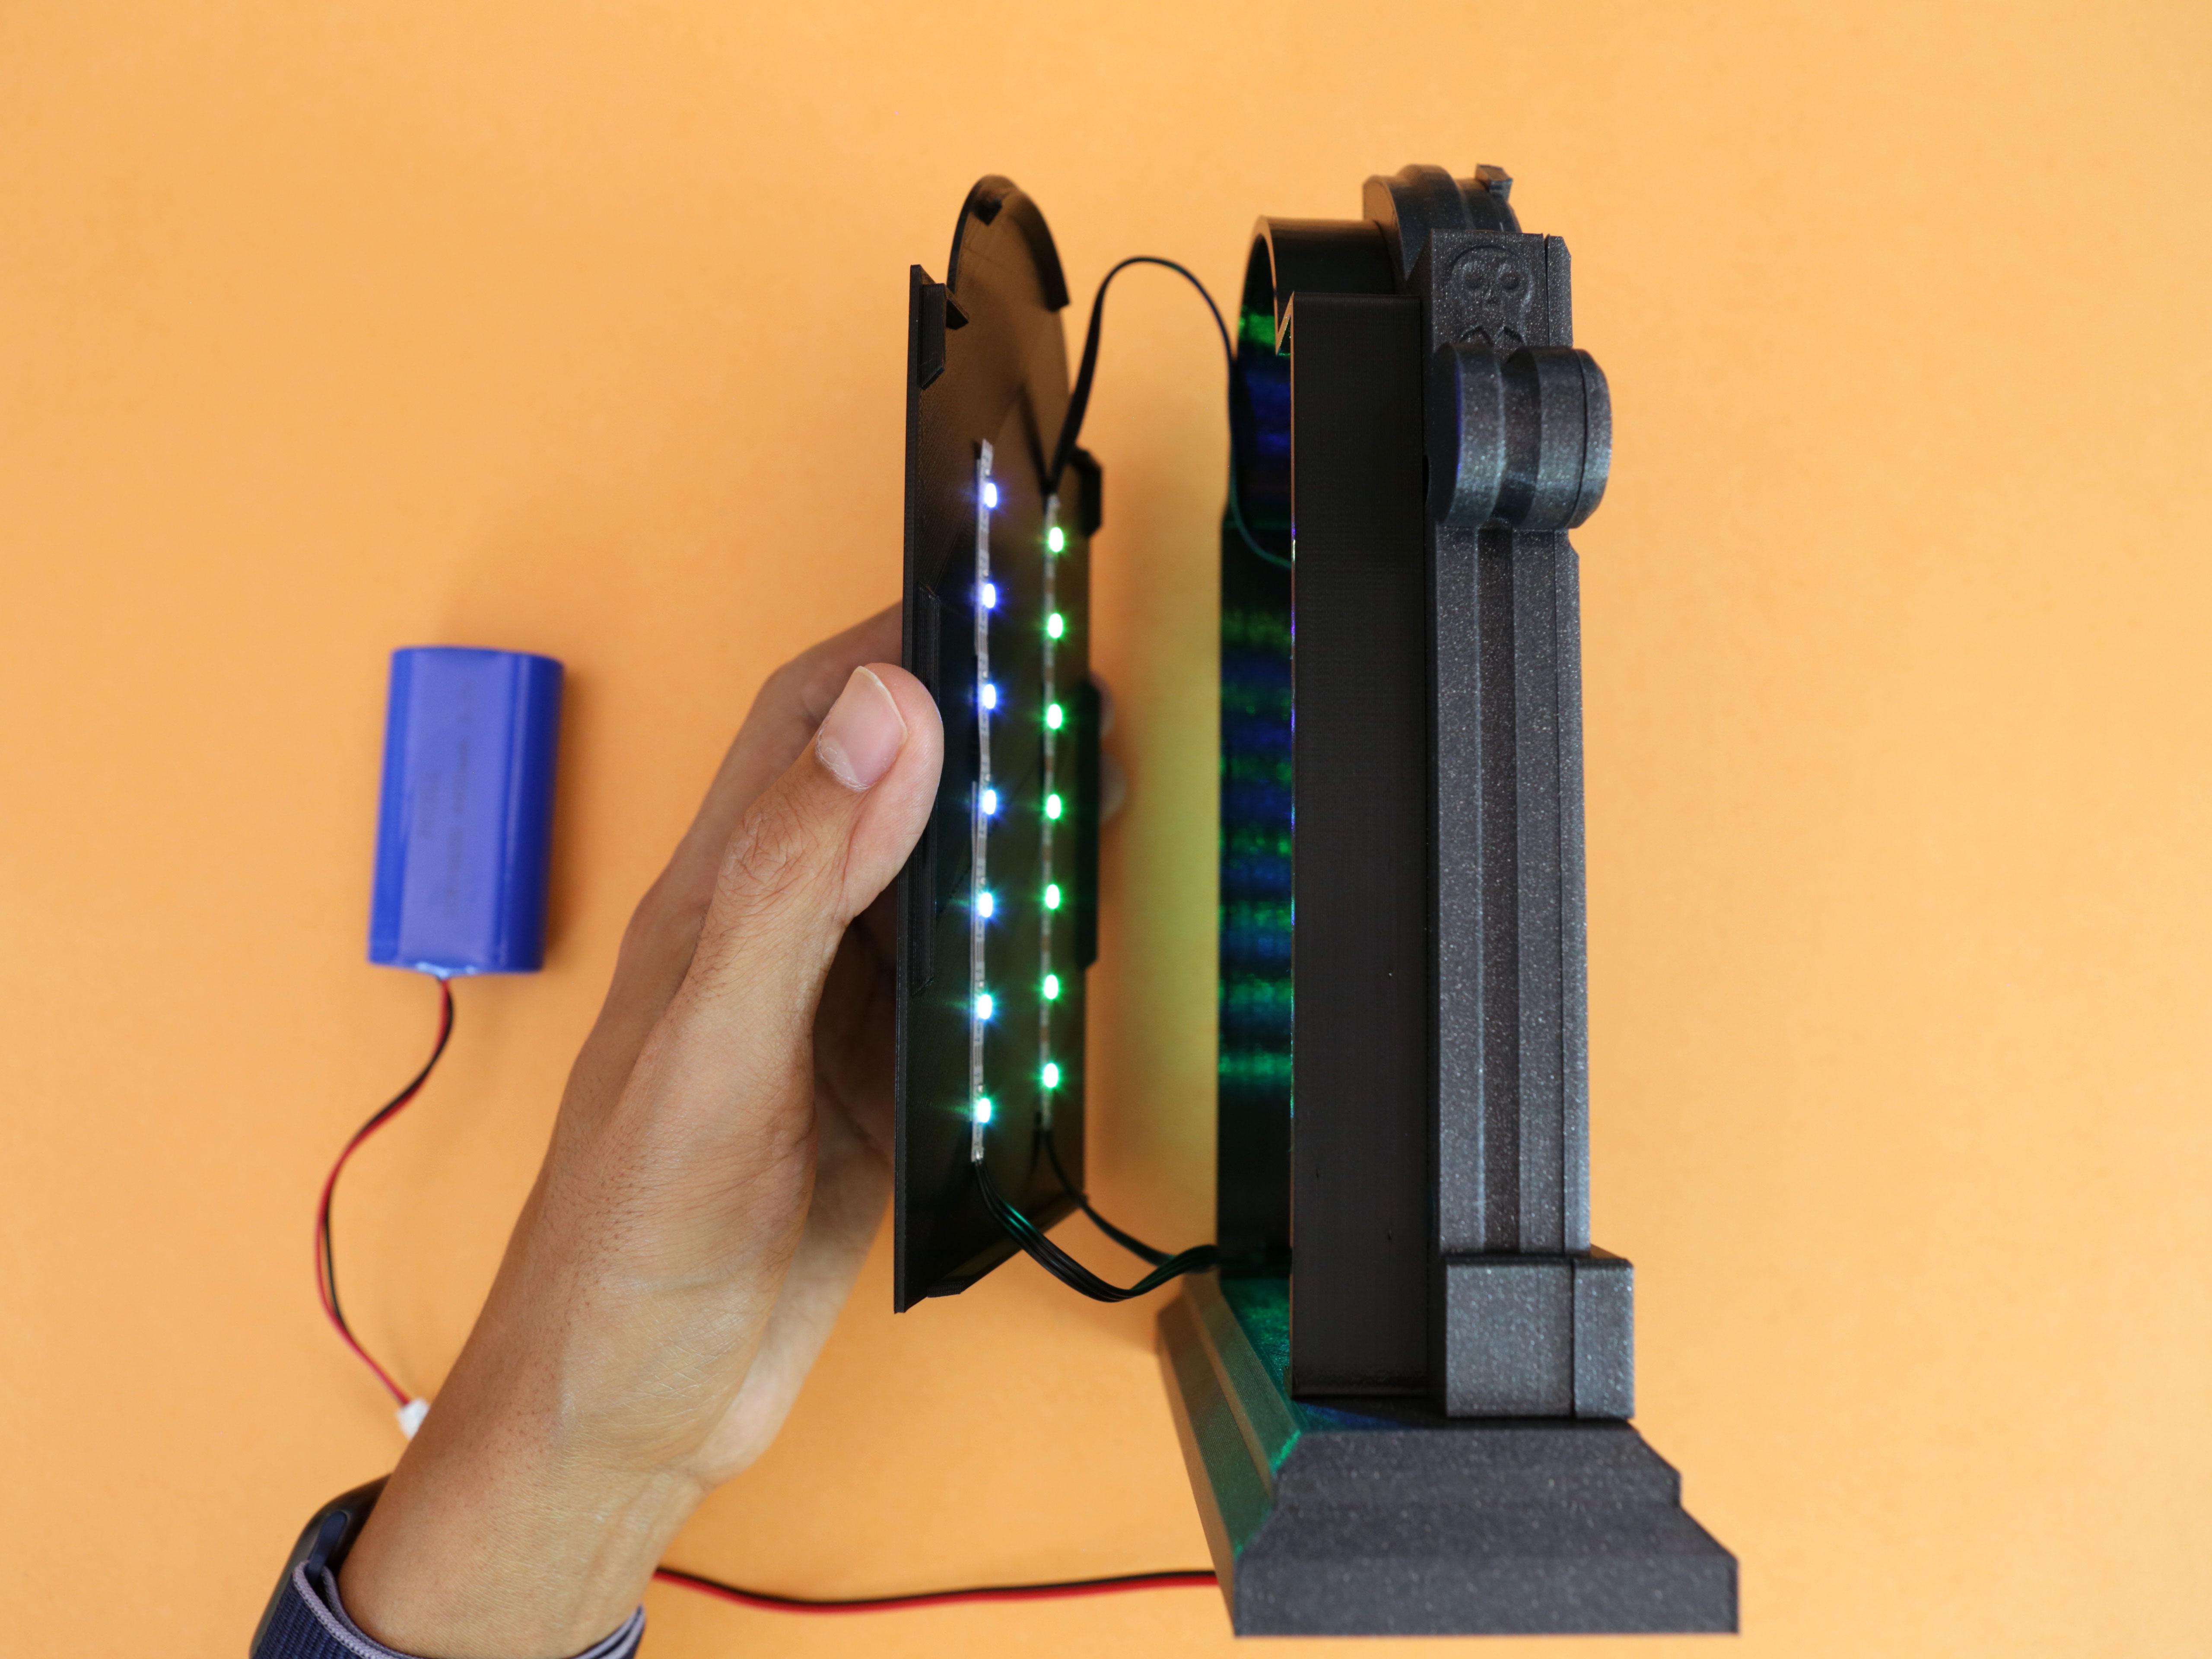 led_strips_back-cover-installing.jpg